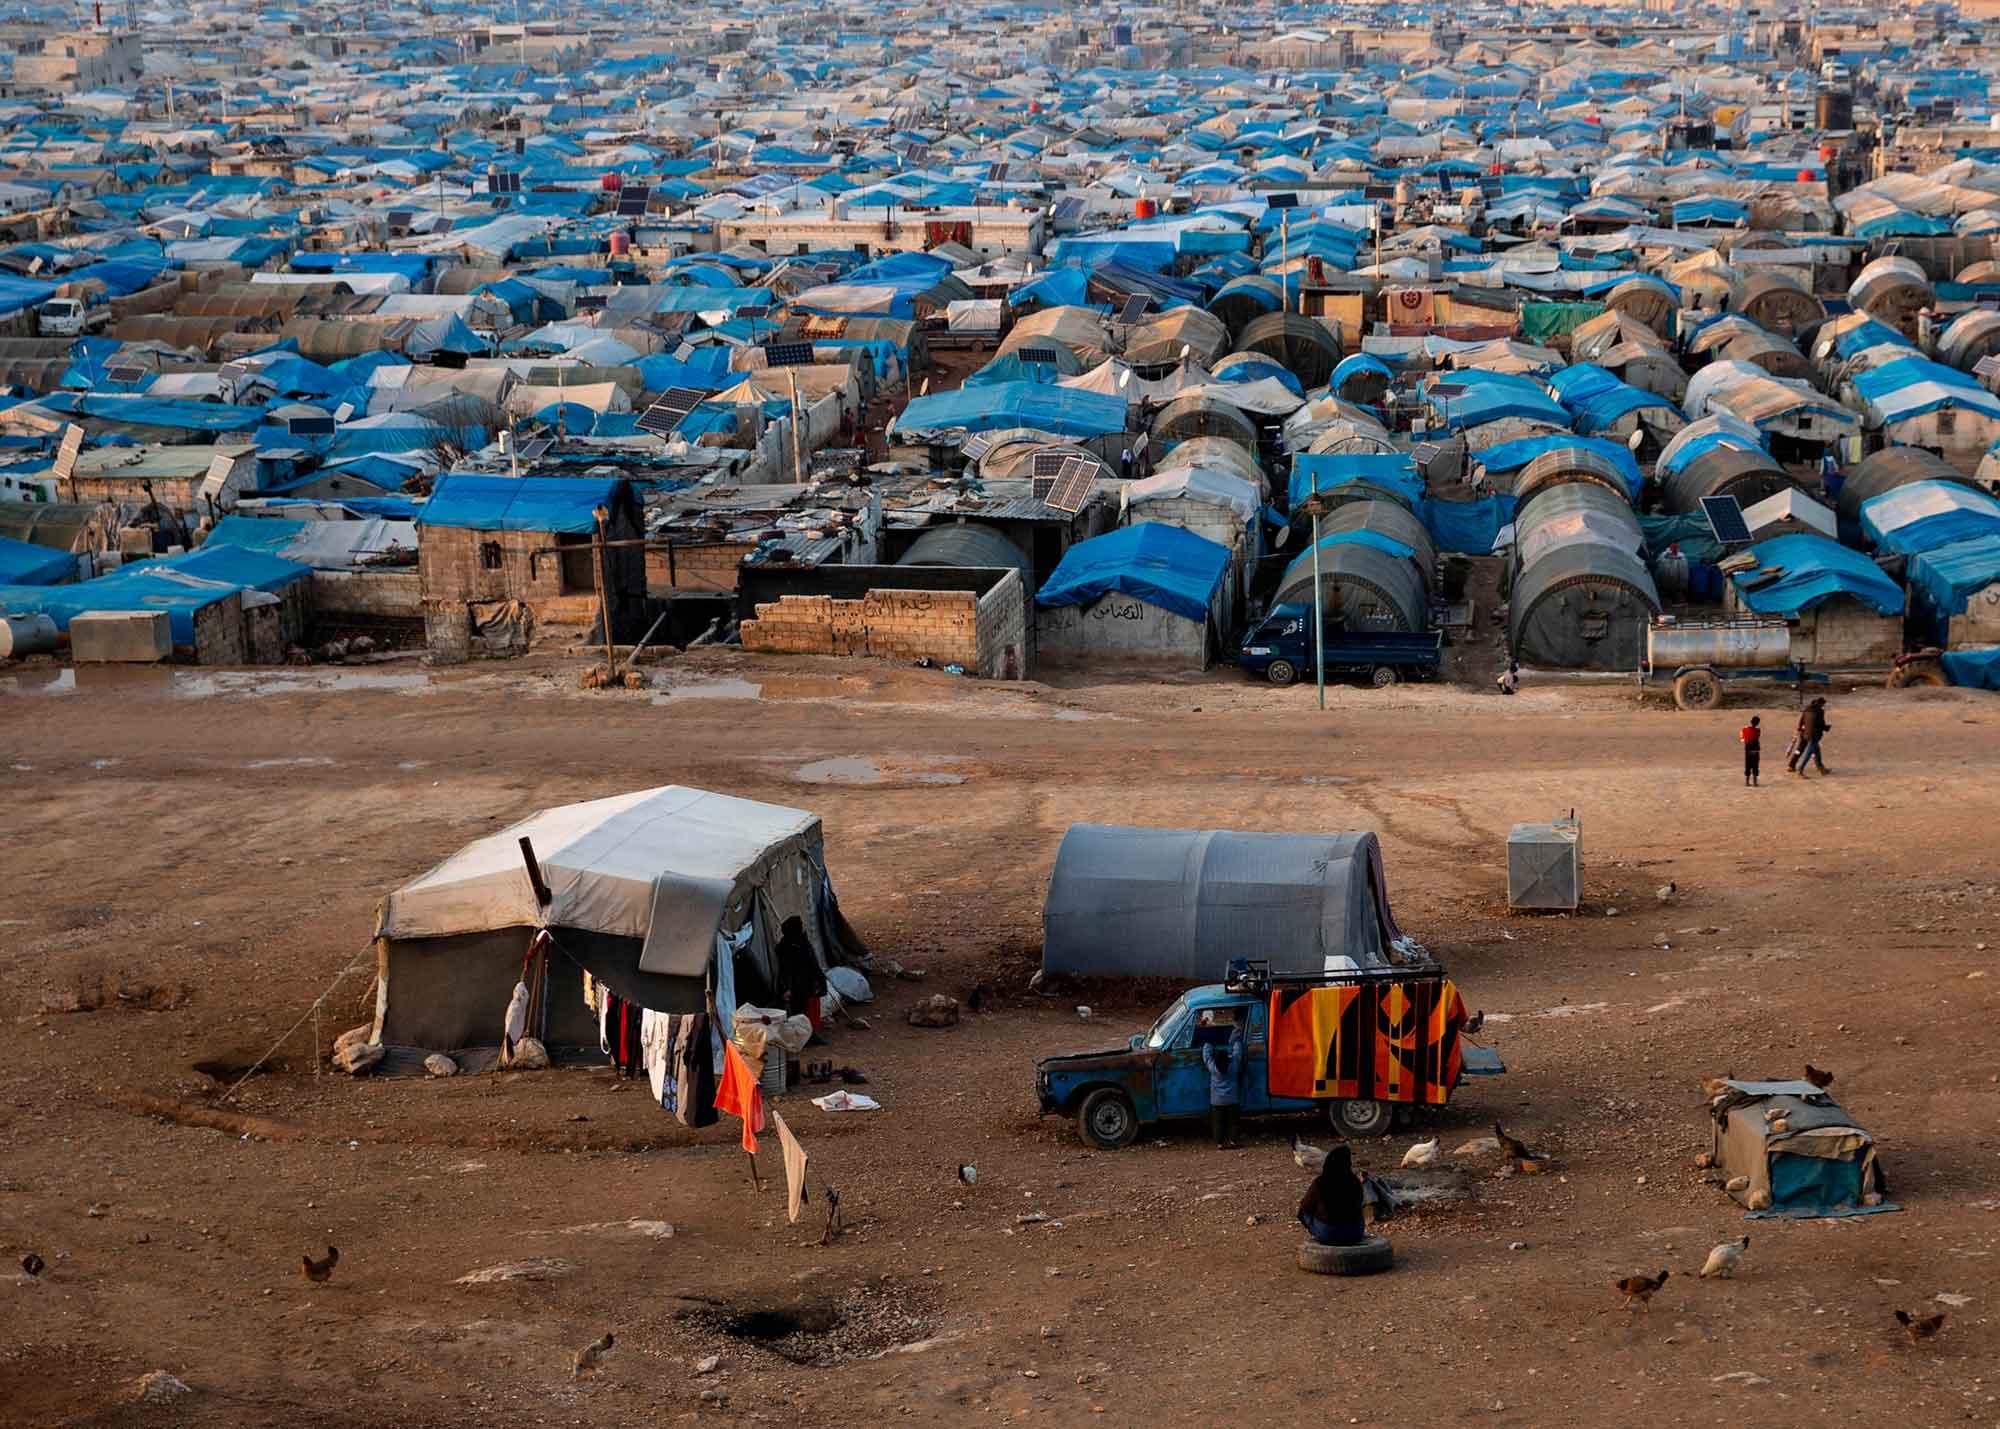 أوضاع مخيمات النزوح شمال سوريا – هل تقيهم من برد الشتاء وحر الصيف؟